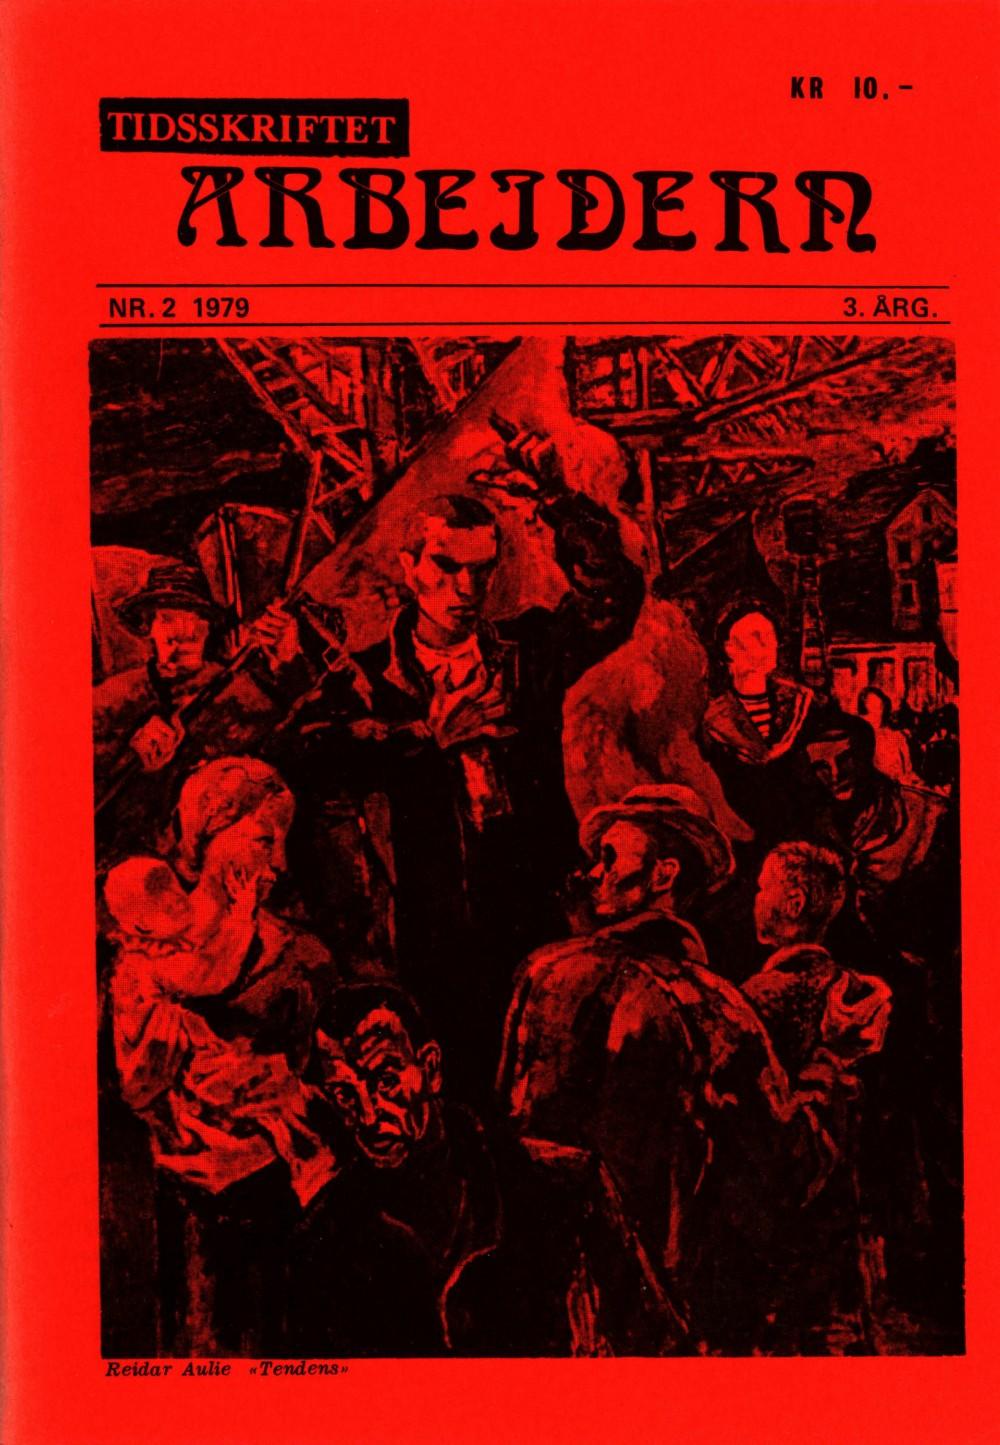 Tidsskriftet Arbeidern - nr. 2 1979